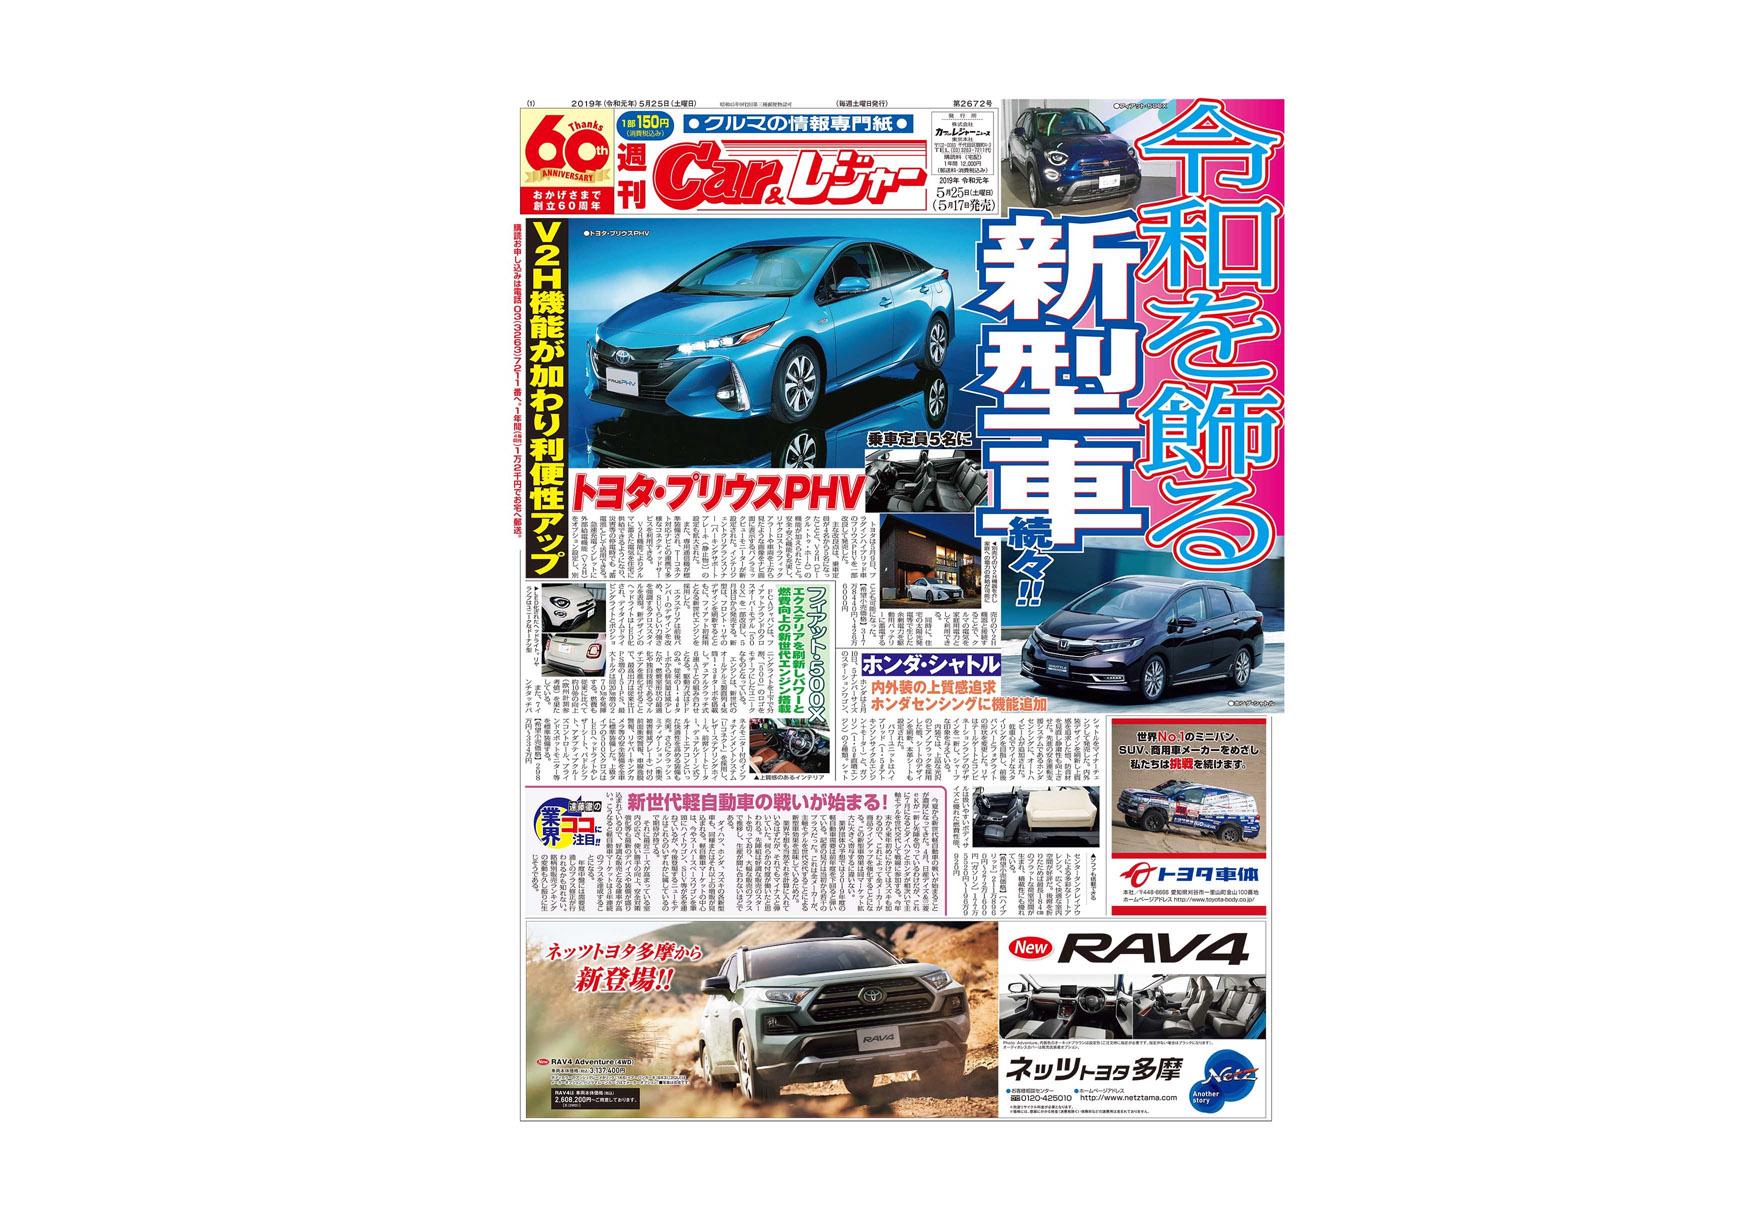 週刊Car&レジャー 第2672号 5月17日発売